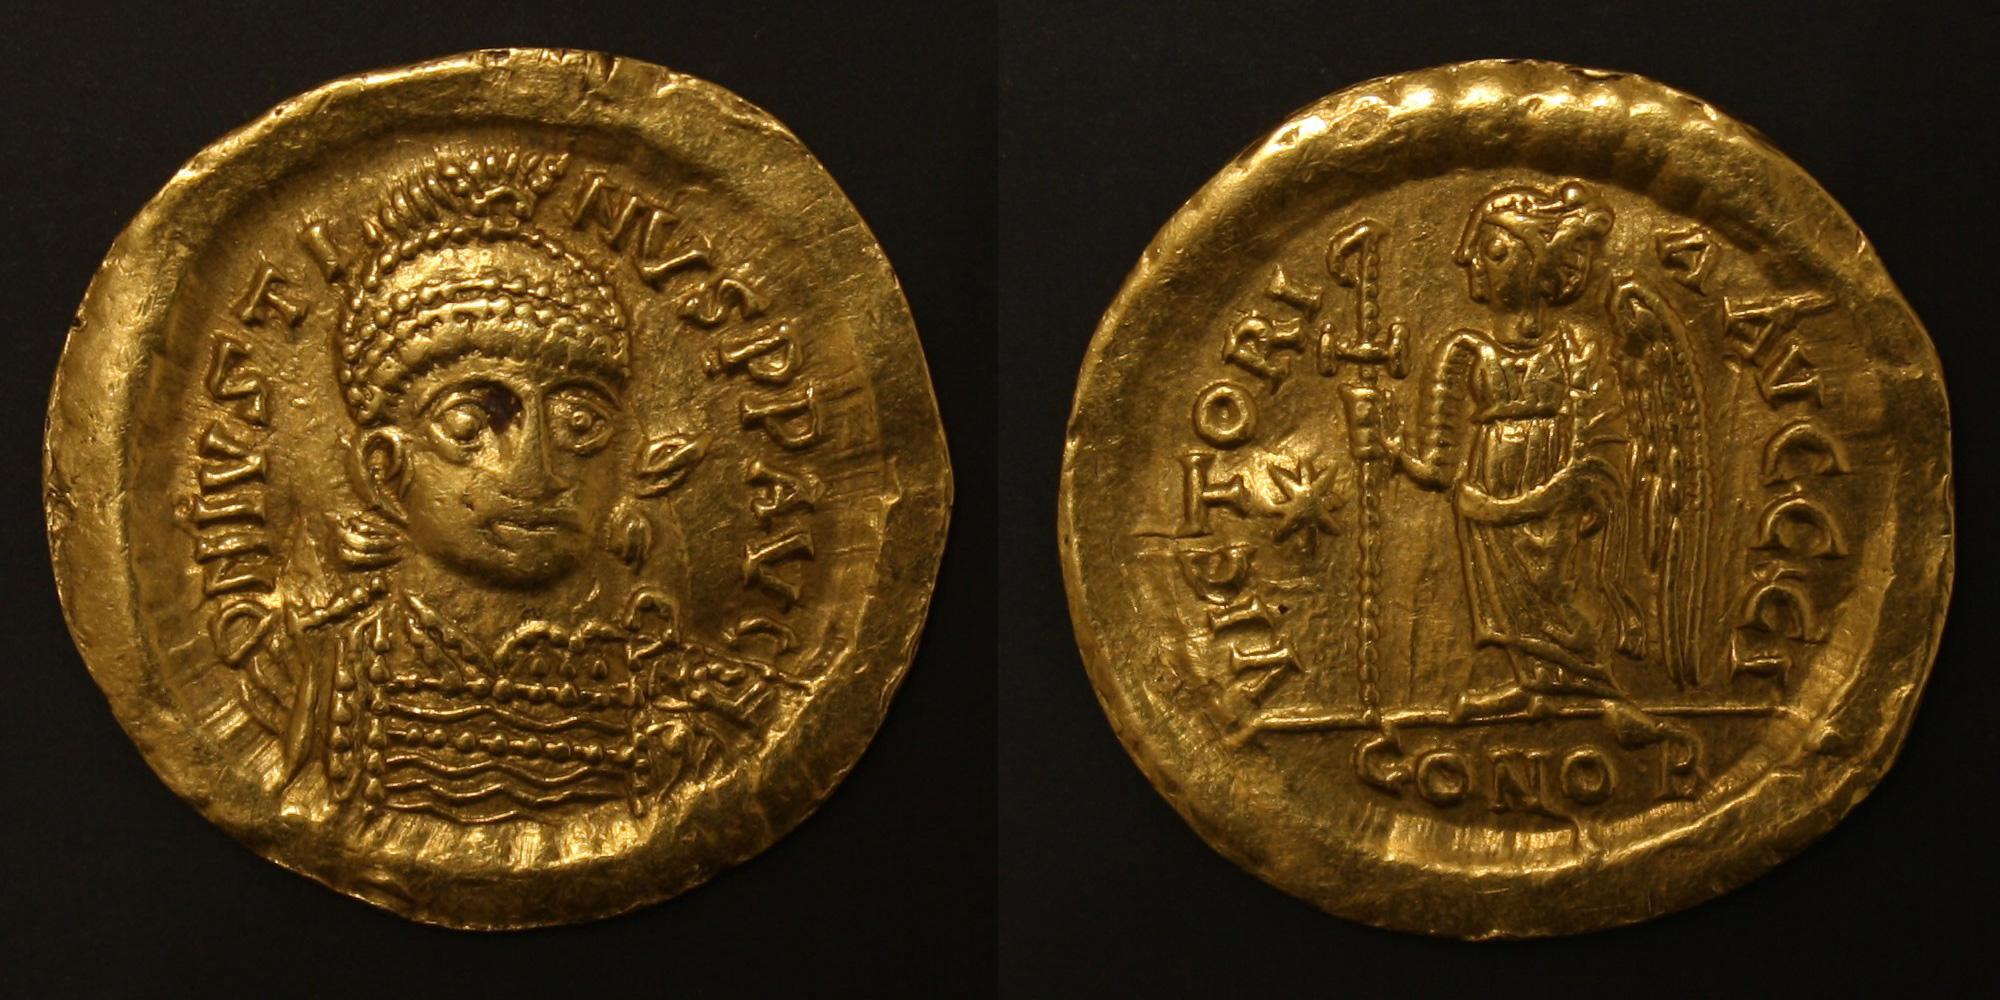 Solidus (monnaie d'or de Justin I)